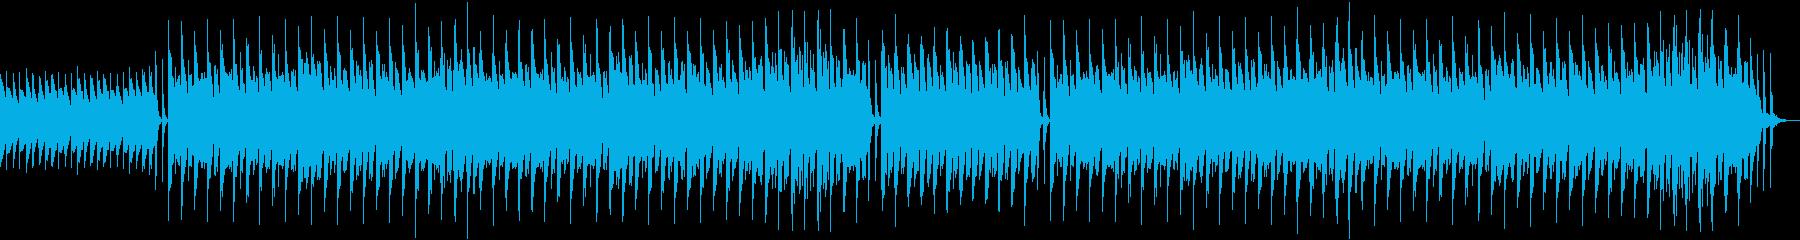 シンセメロディーなしの再生済みの波形